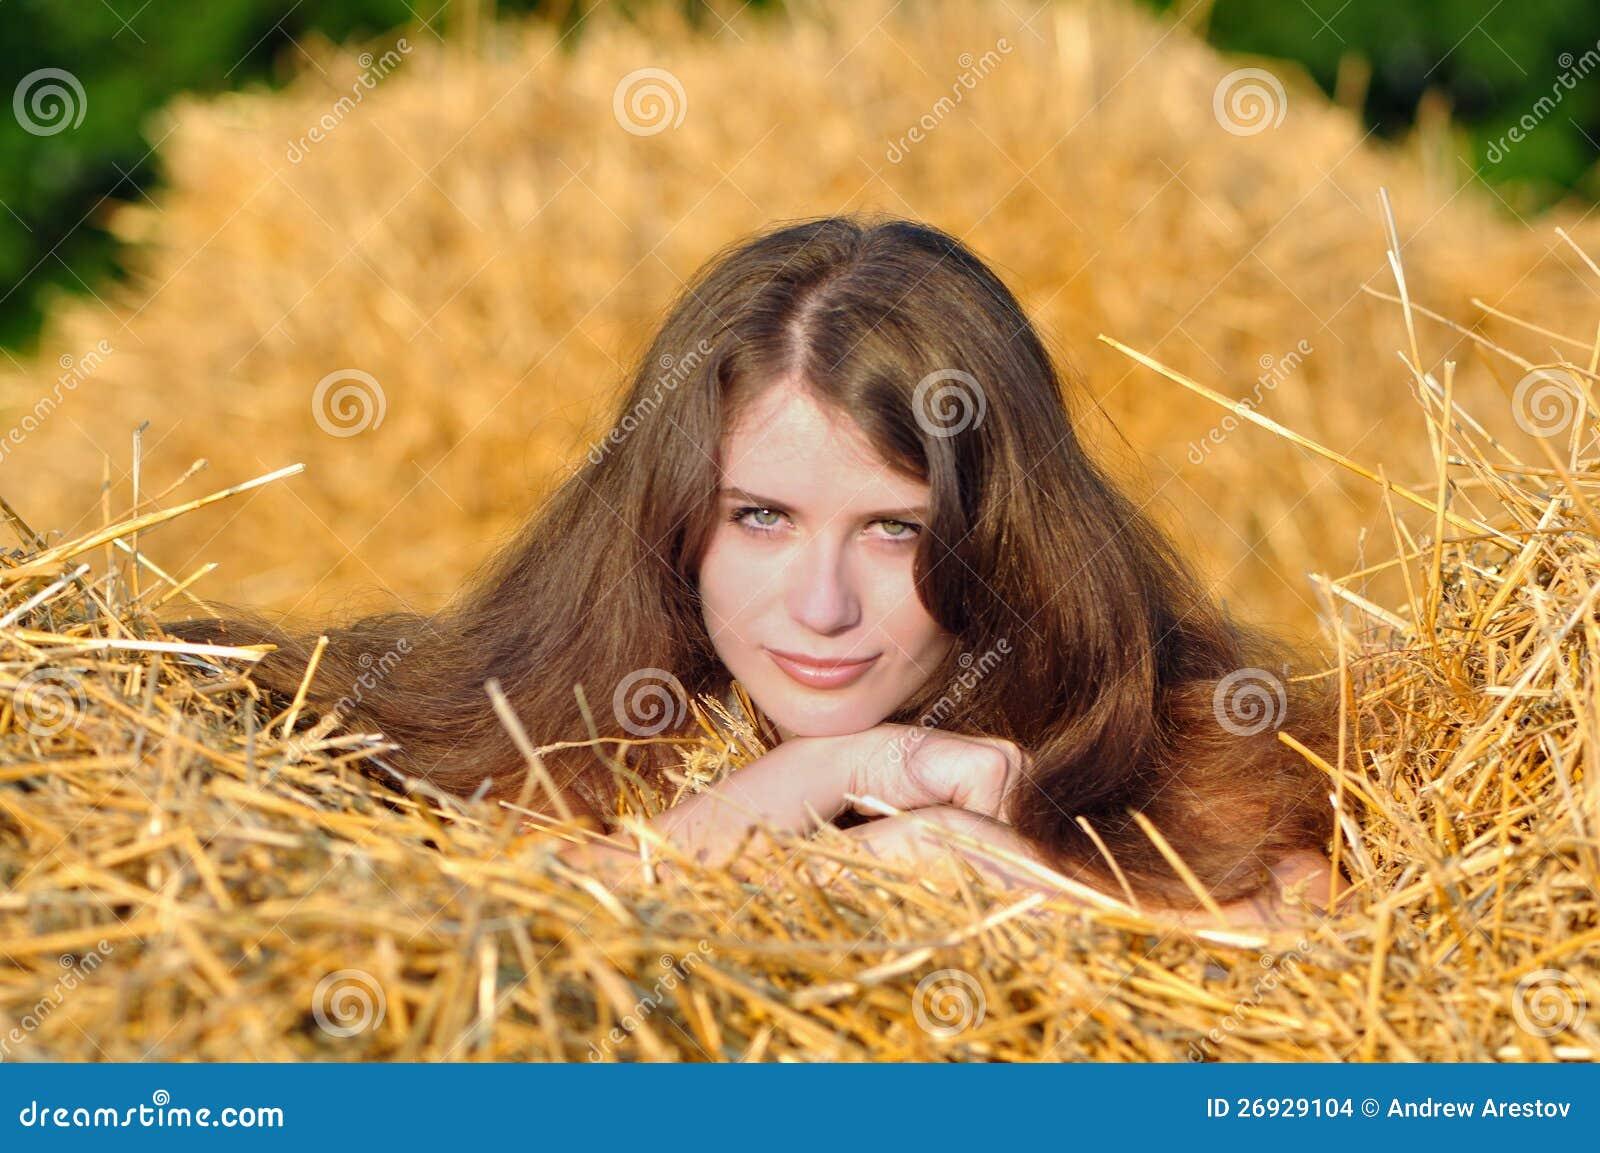 На сене с девушкой фото